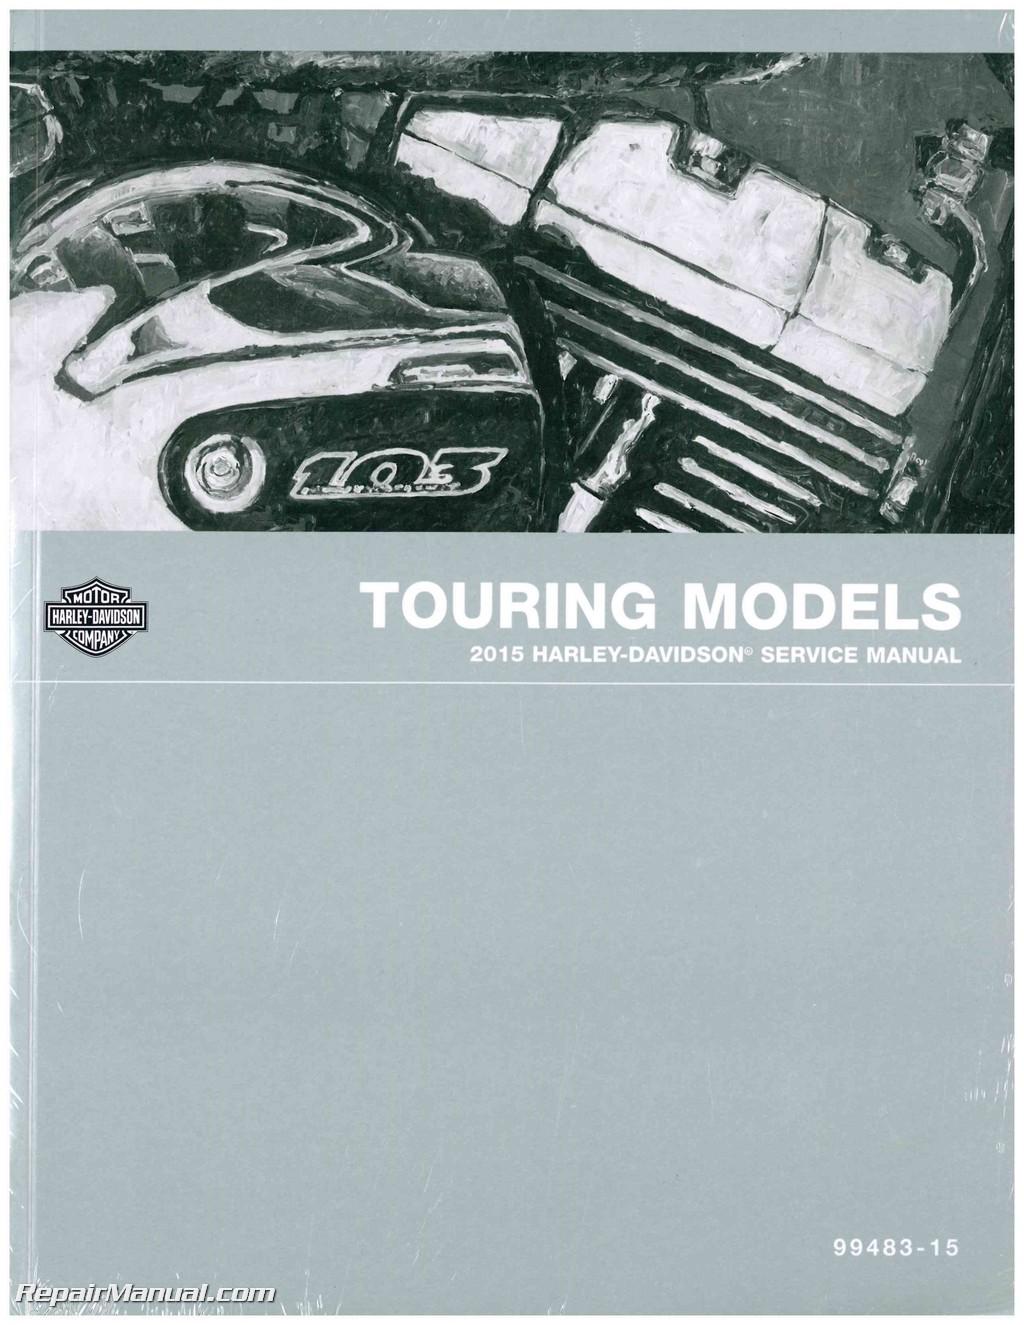 2016 harley davidson touring motorcycle service manual rh repairmanual com 2013 harley davidson touring owners manual 2013 harley davidson touring owners manual